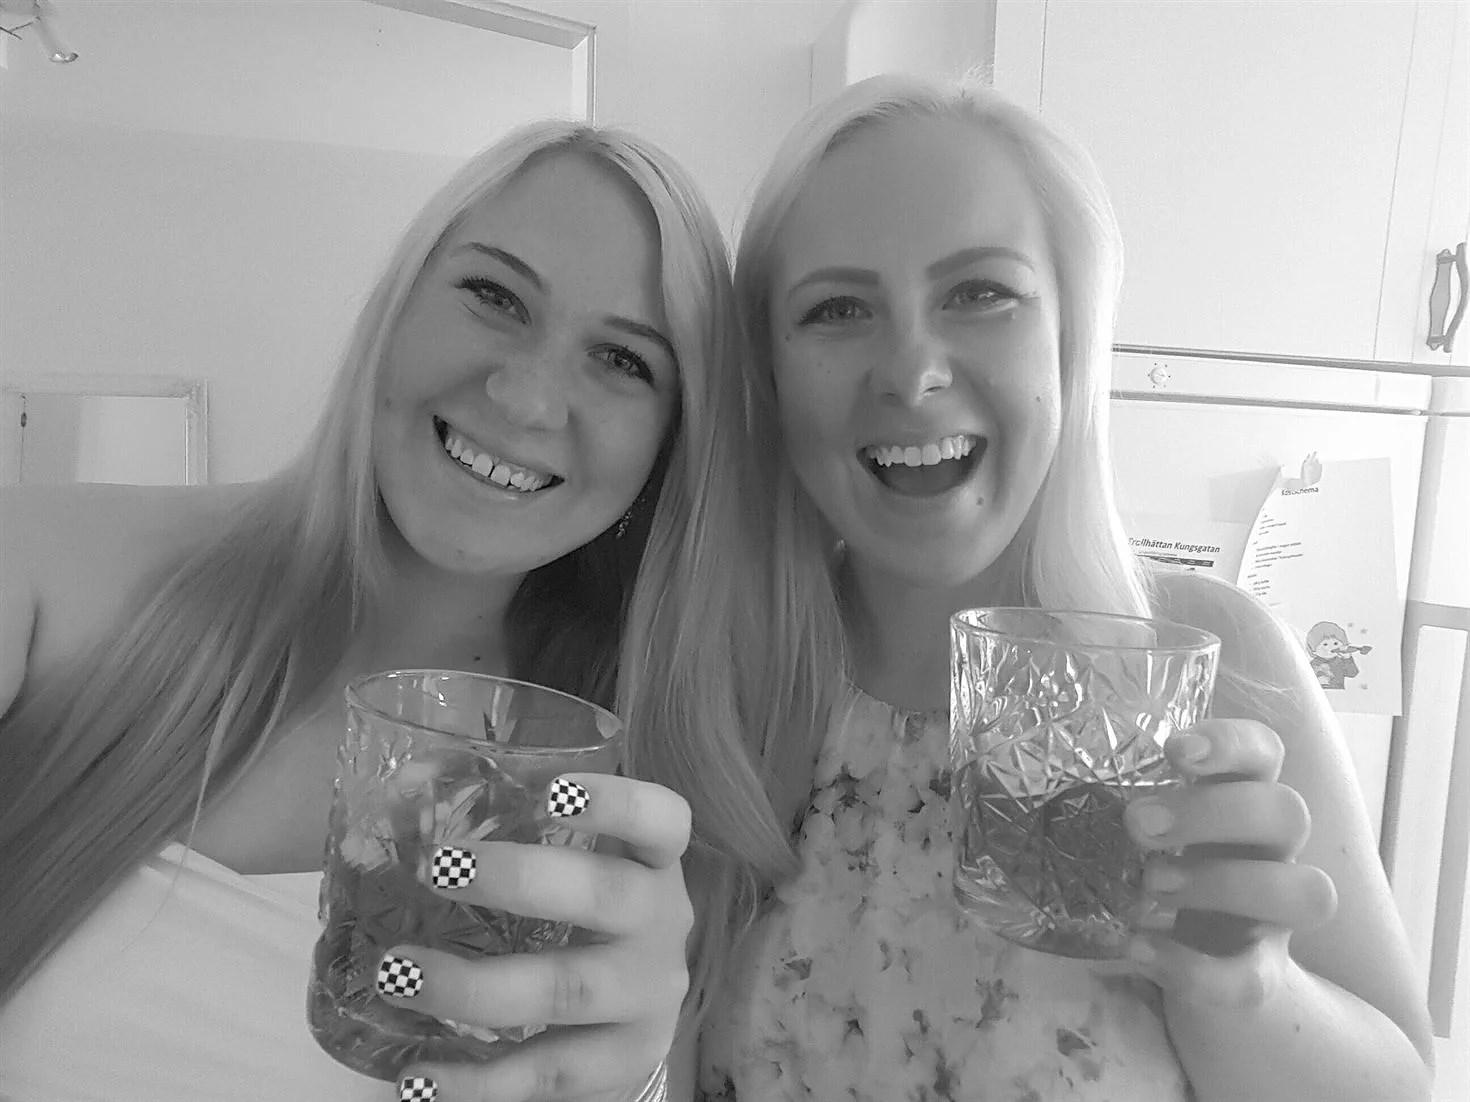 skype sluts flickvän erfarenhet nära Malmö